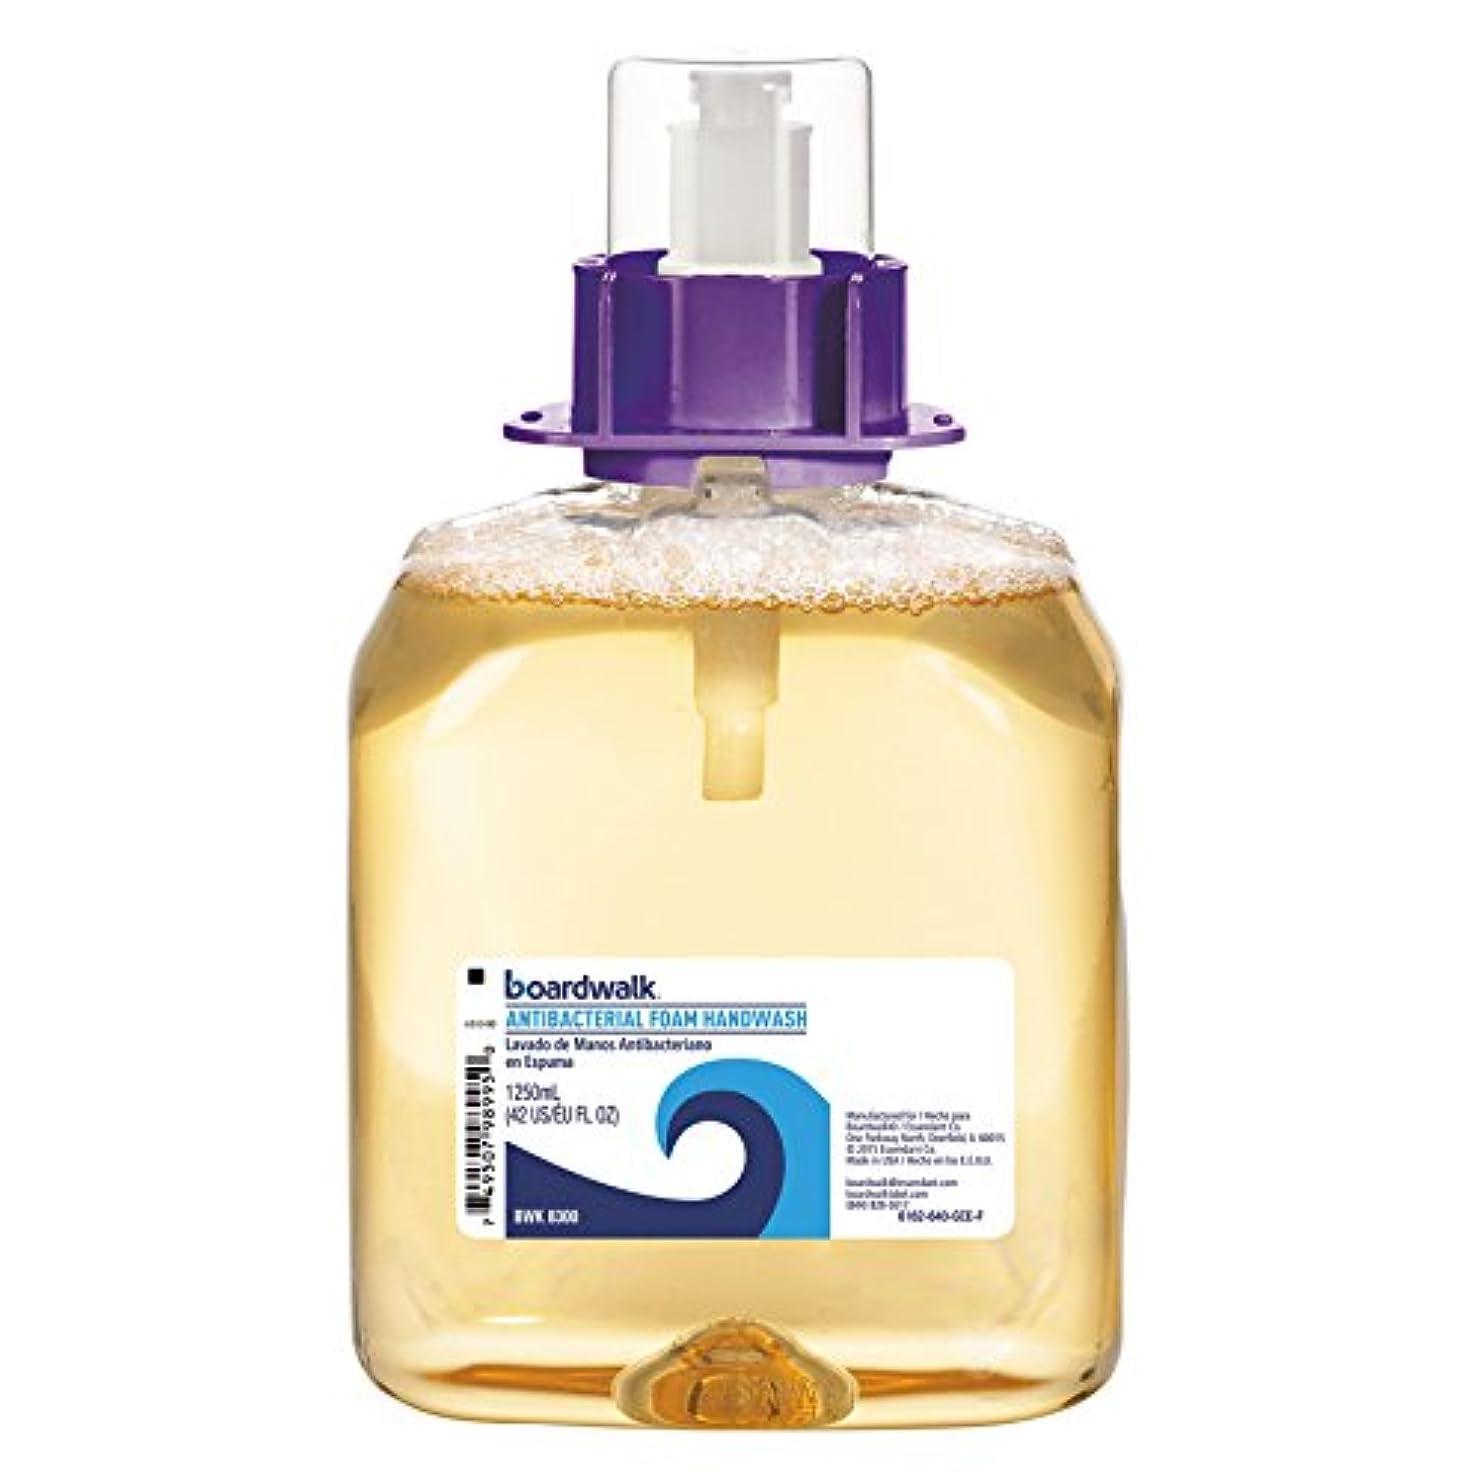 ギャングモールコントラストFoam Antibacterial Handwash, Sweet Pea, 1250ml Refill, 4 per Carton (並行輸入品)